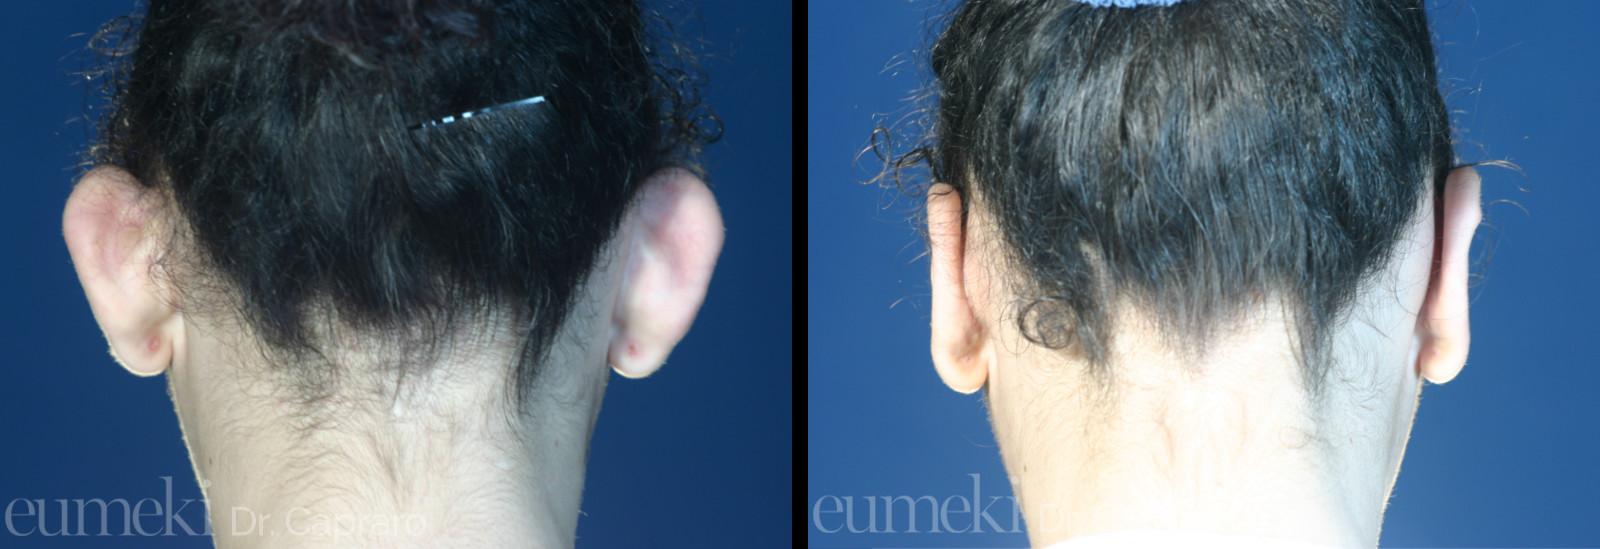 Plastica delle orecchie vista posteriore primo caso